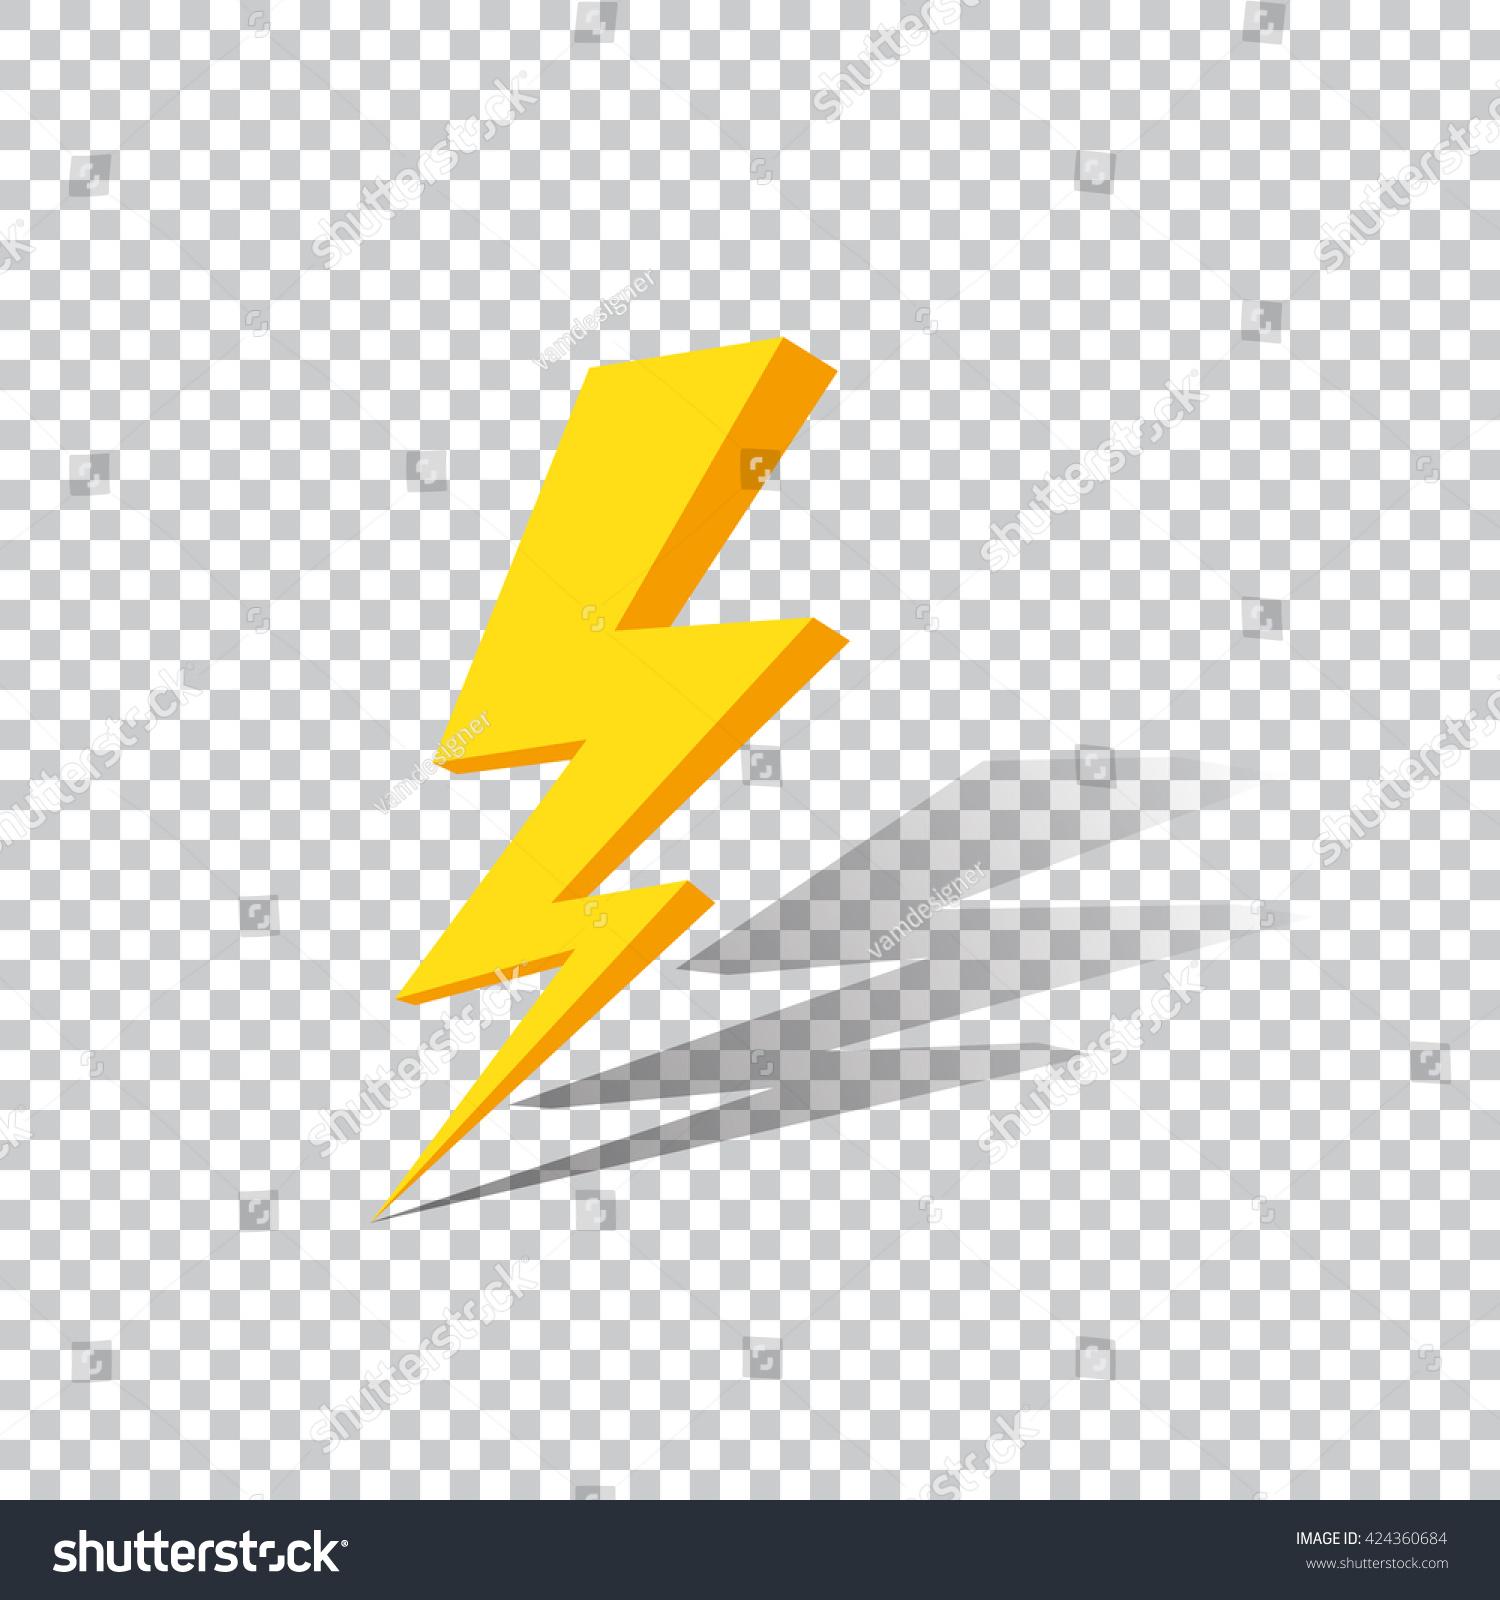 Lightning On A Transparent Background